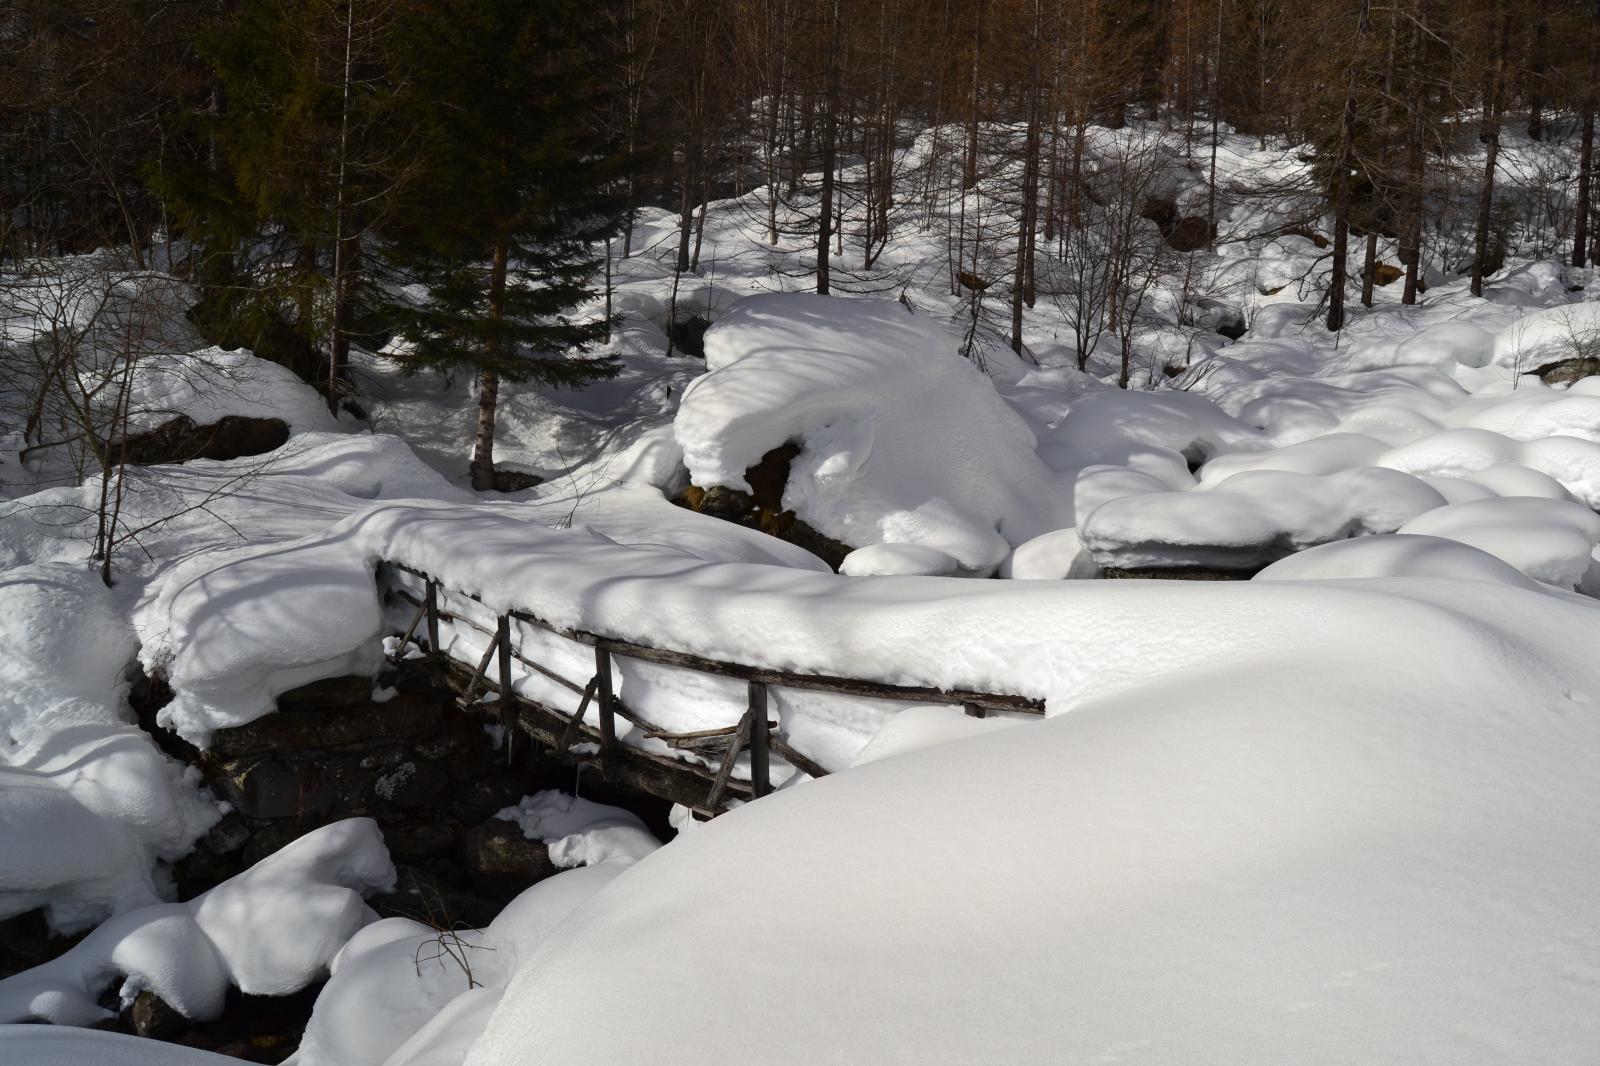 il ponticello per salire all'alpe